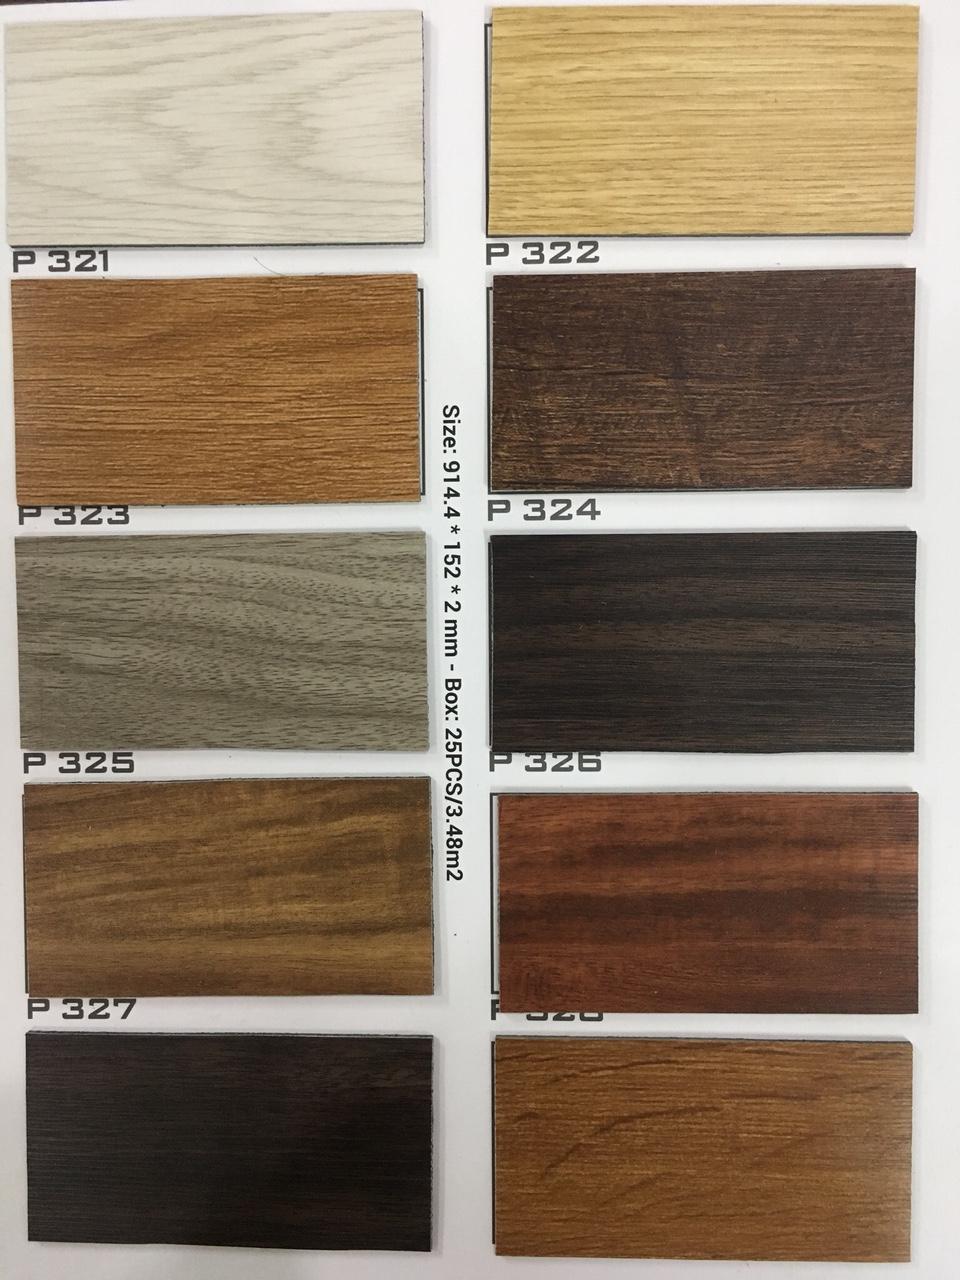 mẫu sàn nhựa vân giả gỗ, báo giá sàn nhựa hèm khóa, sàn nhựa vân gỗ giá rẻ hà nội,